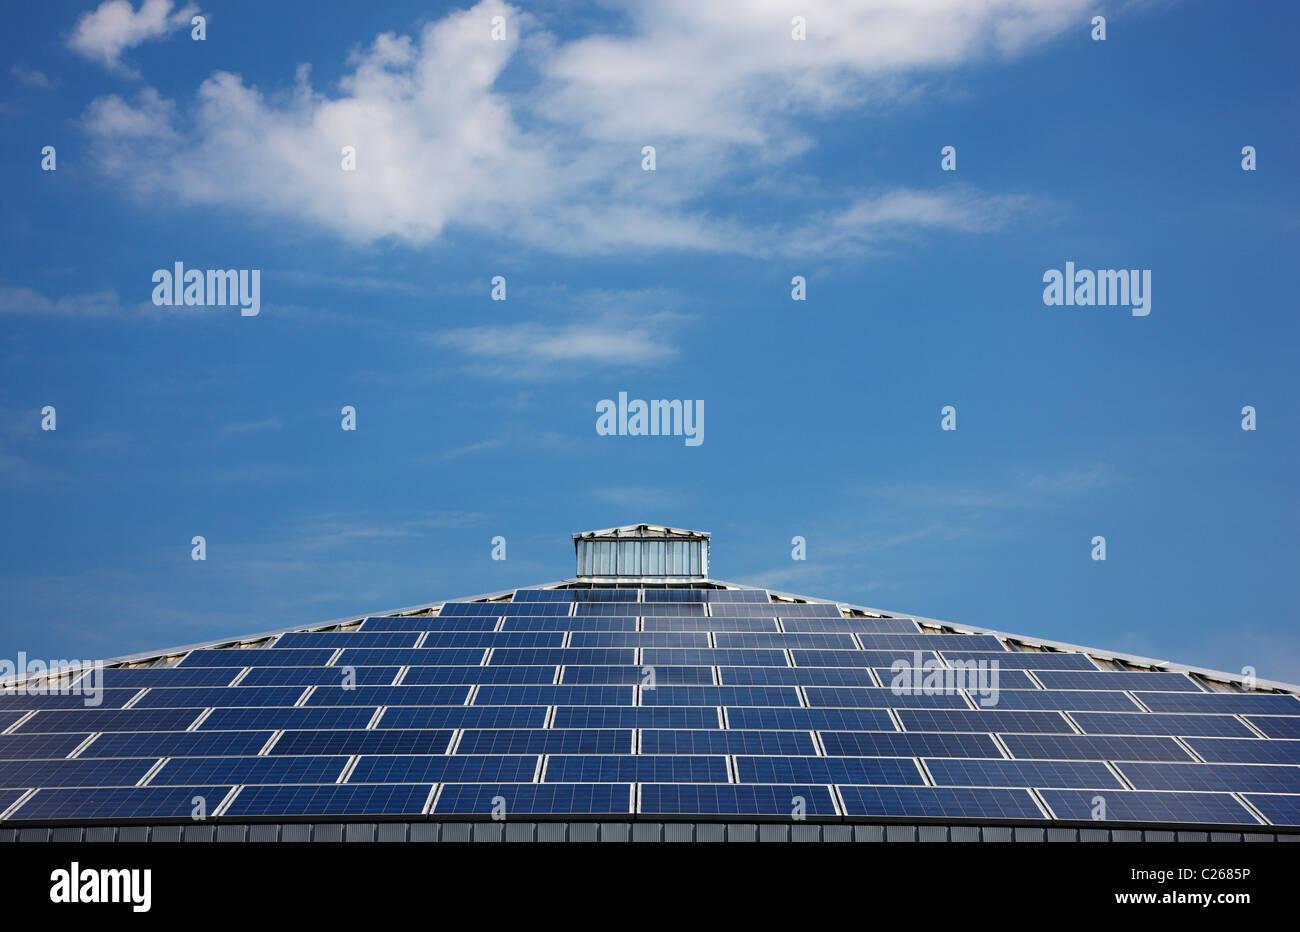 El techo de un edificio con paneles de energía solar. El cielo azul, el diseño de la pirámide. Alemania. Imagen De Stock